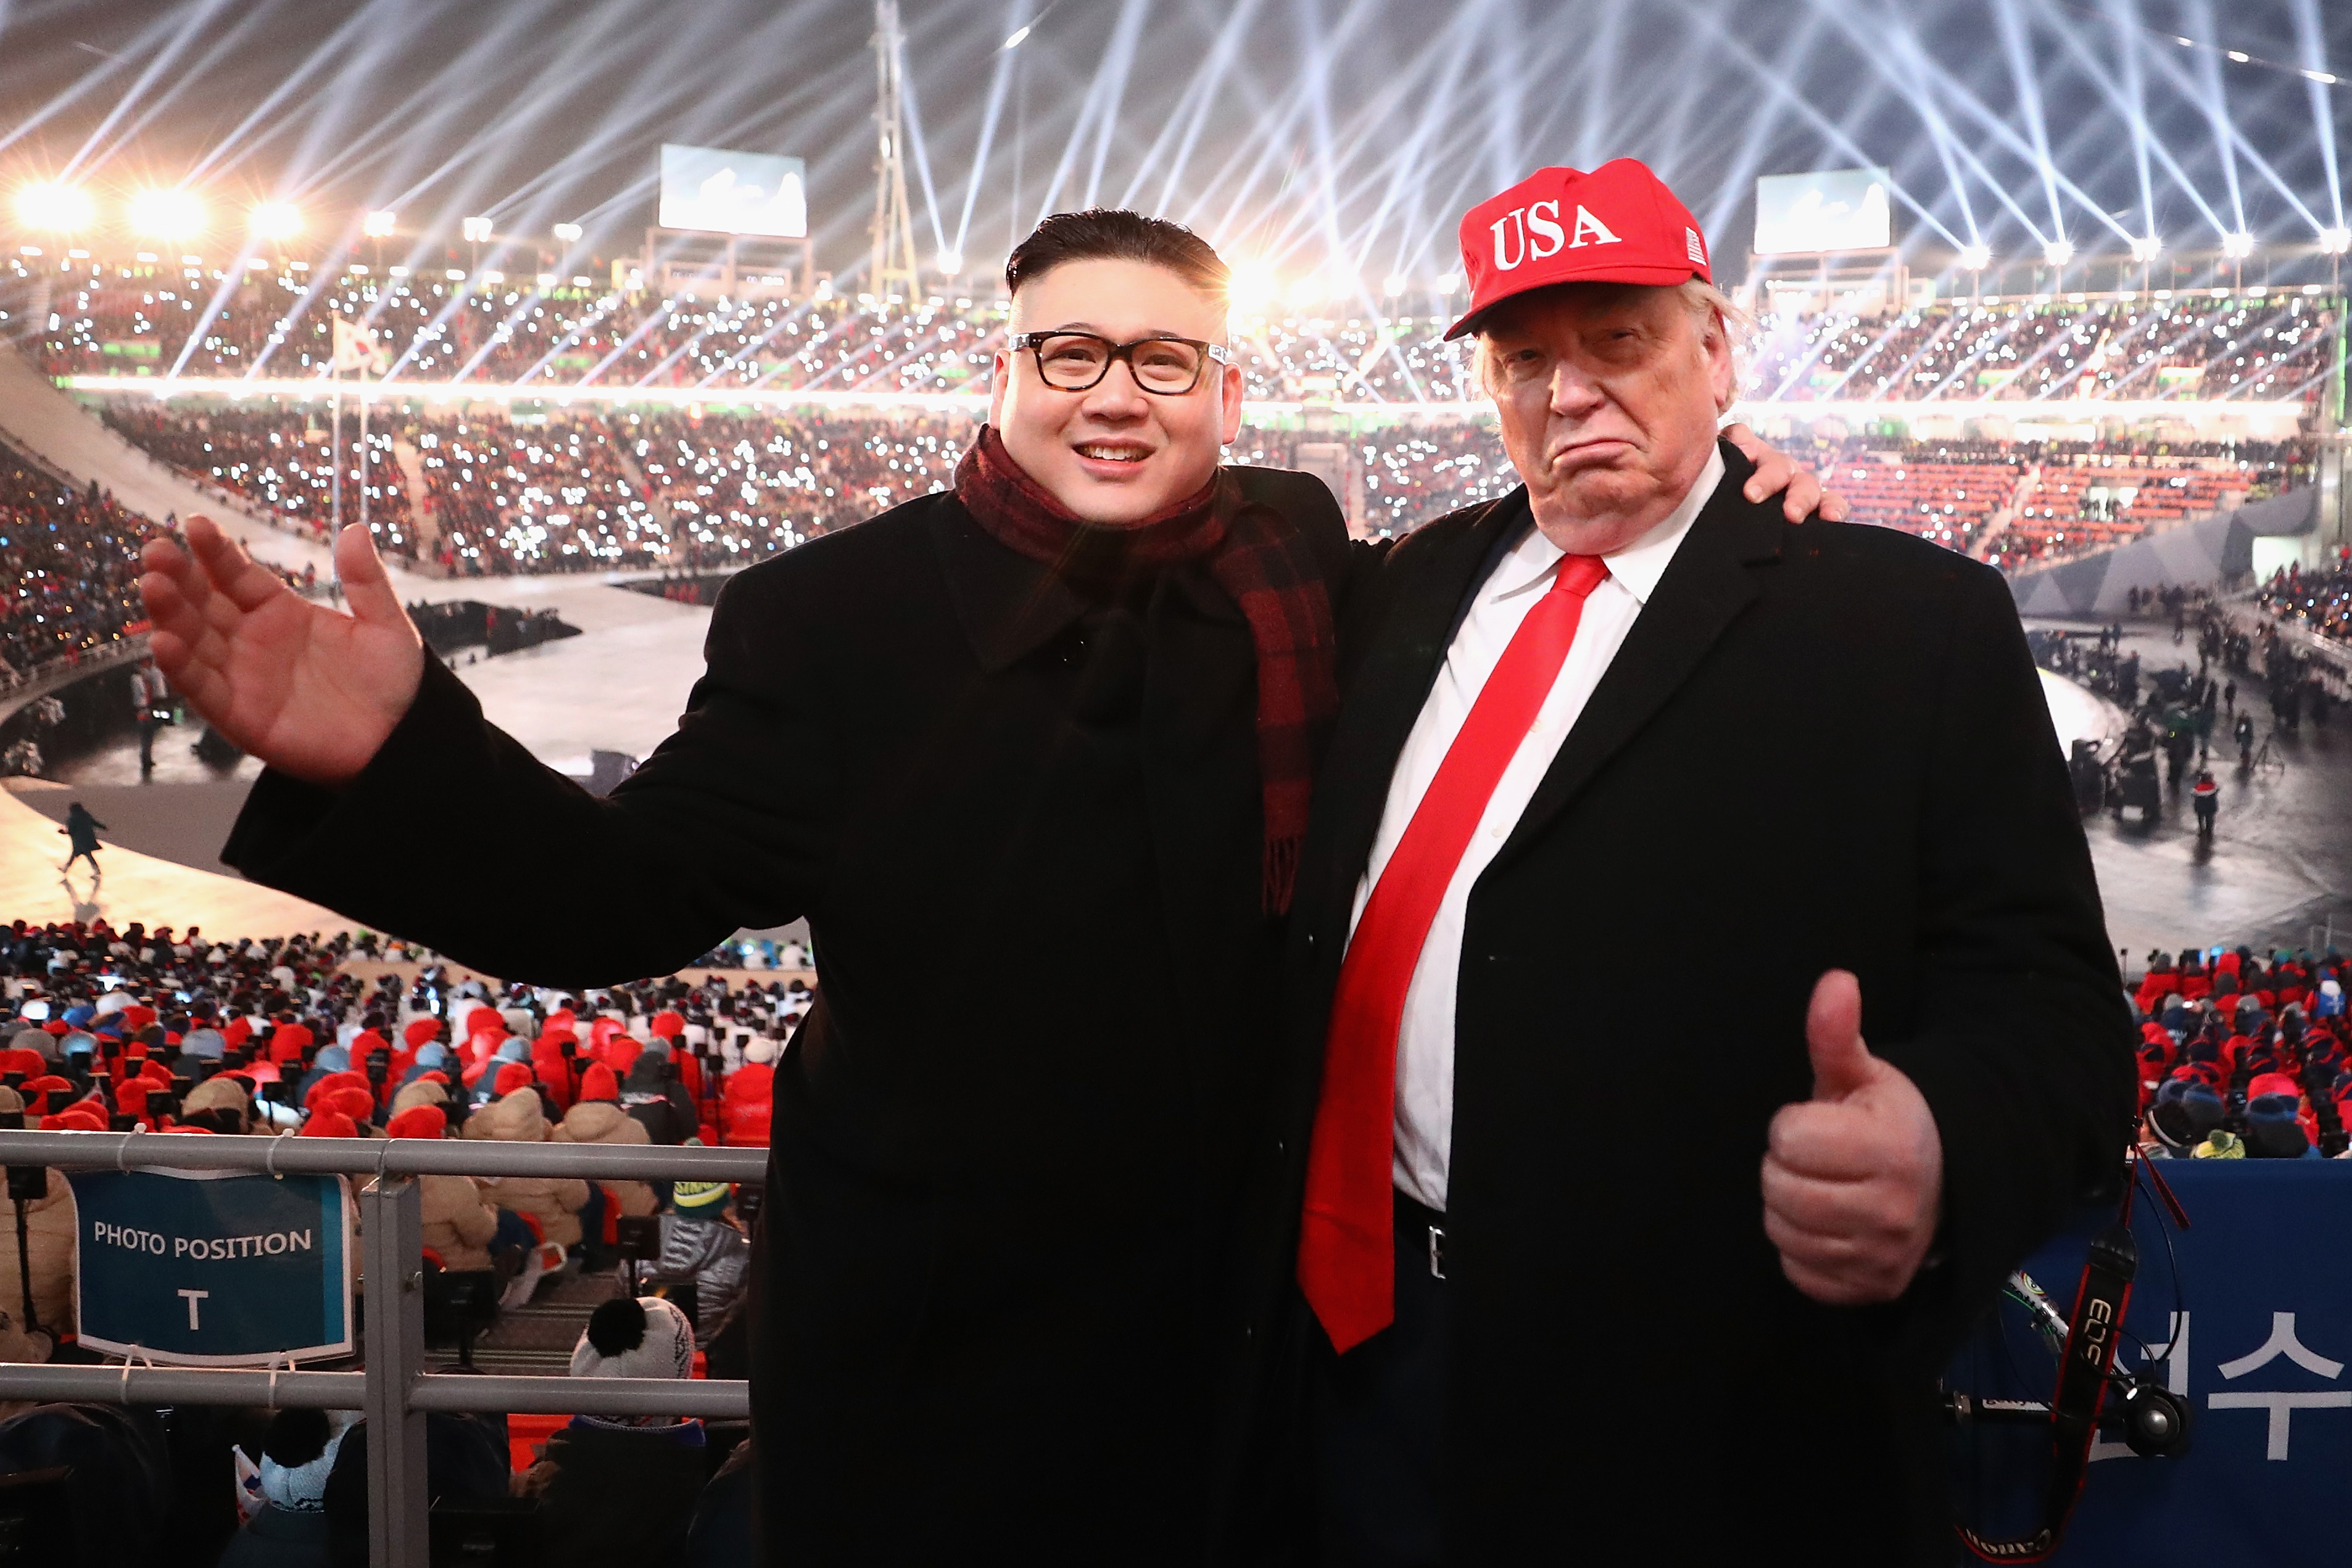 Възможни дестинации за среща Тръмп - Ким Чен-ун